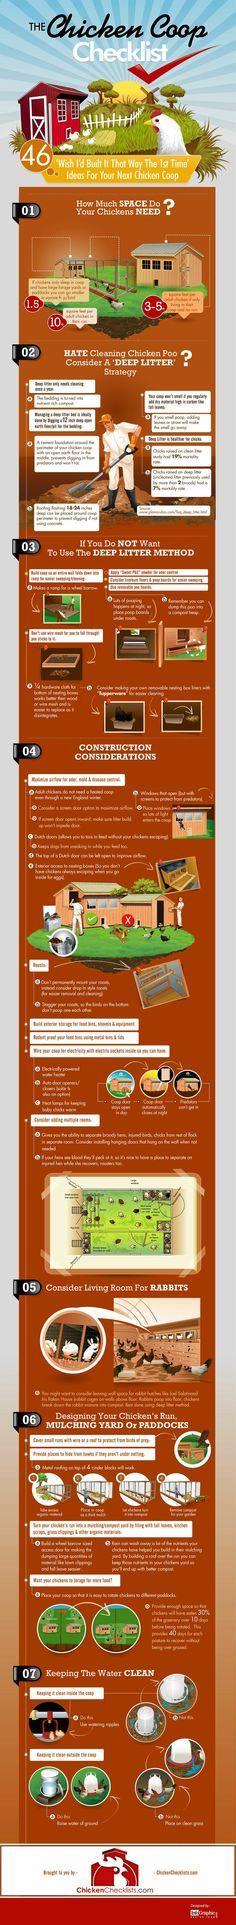 Chicken coop checklist infographic. #pioneersettler